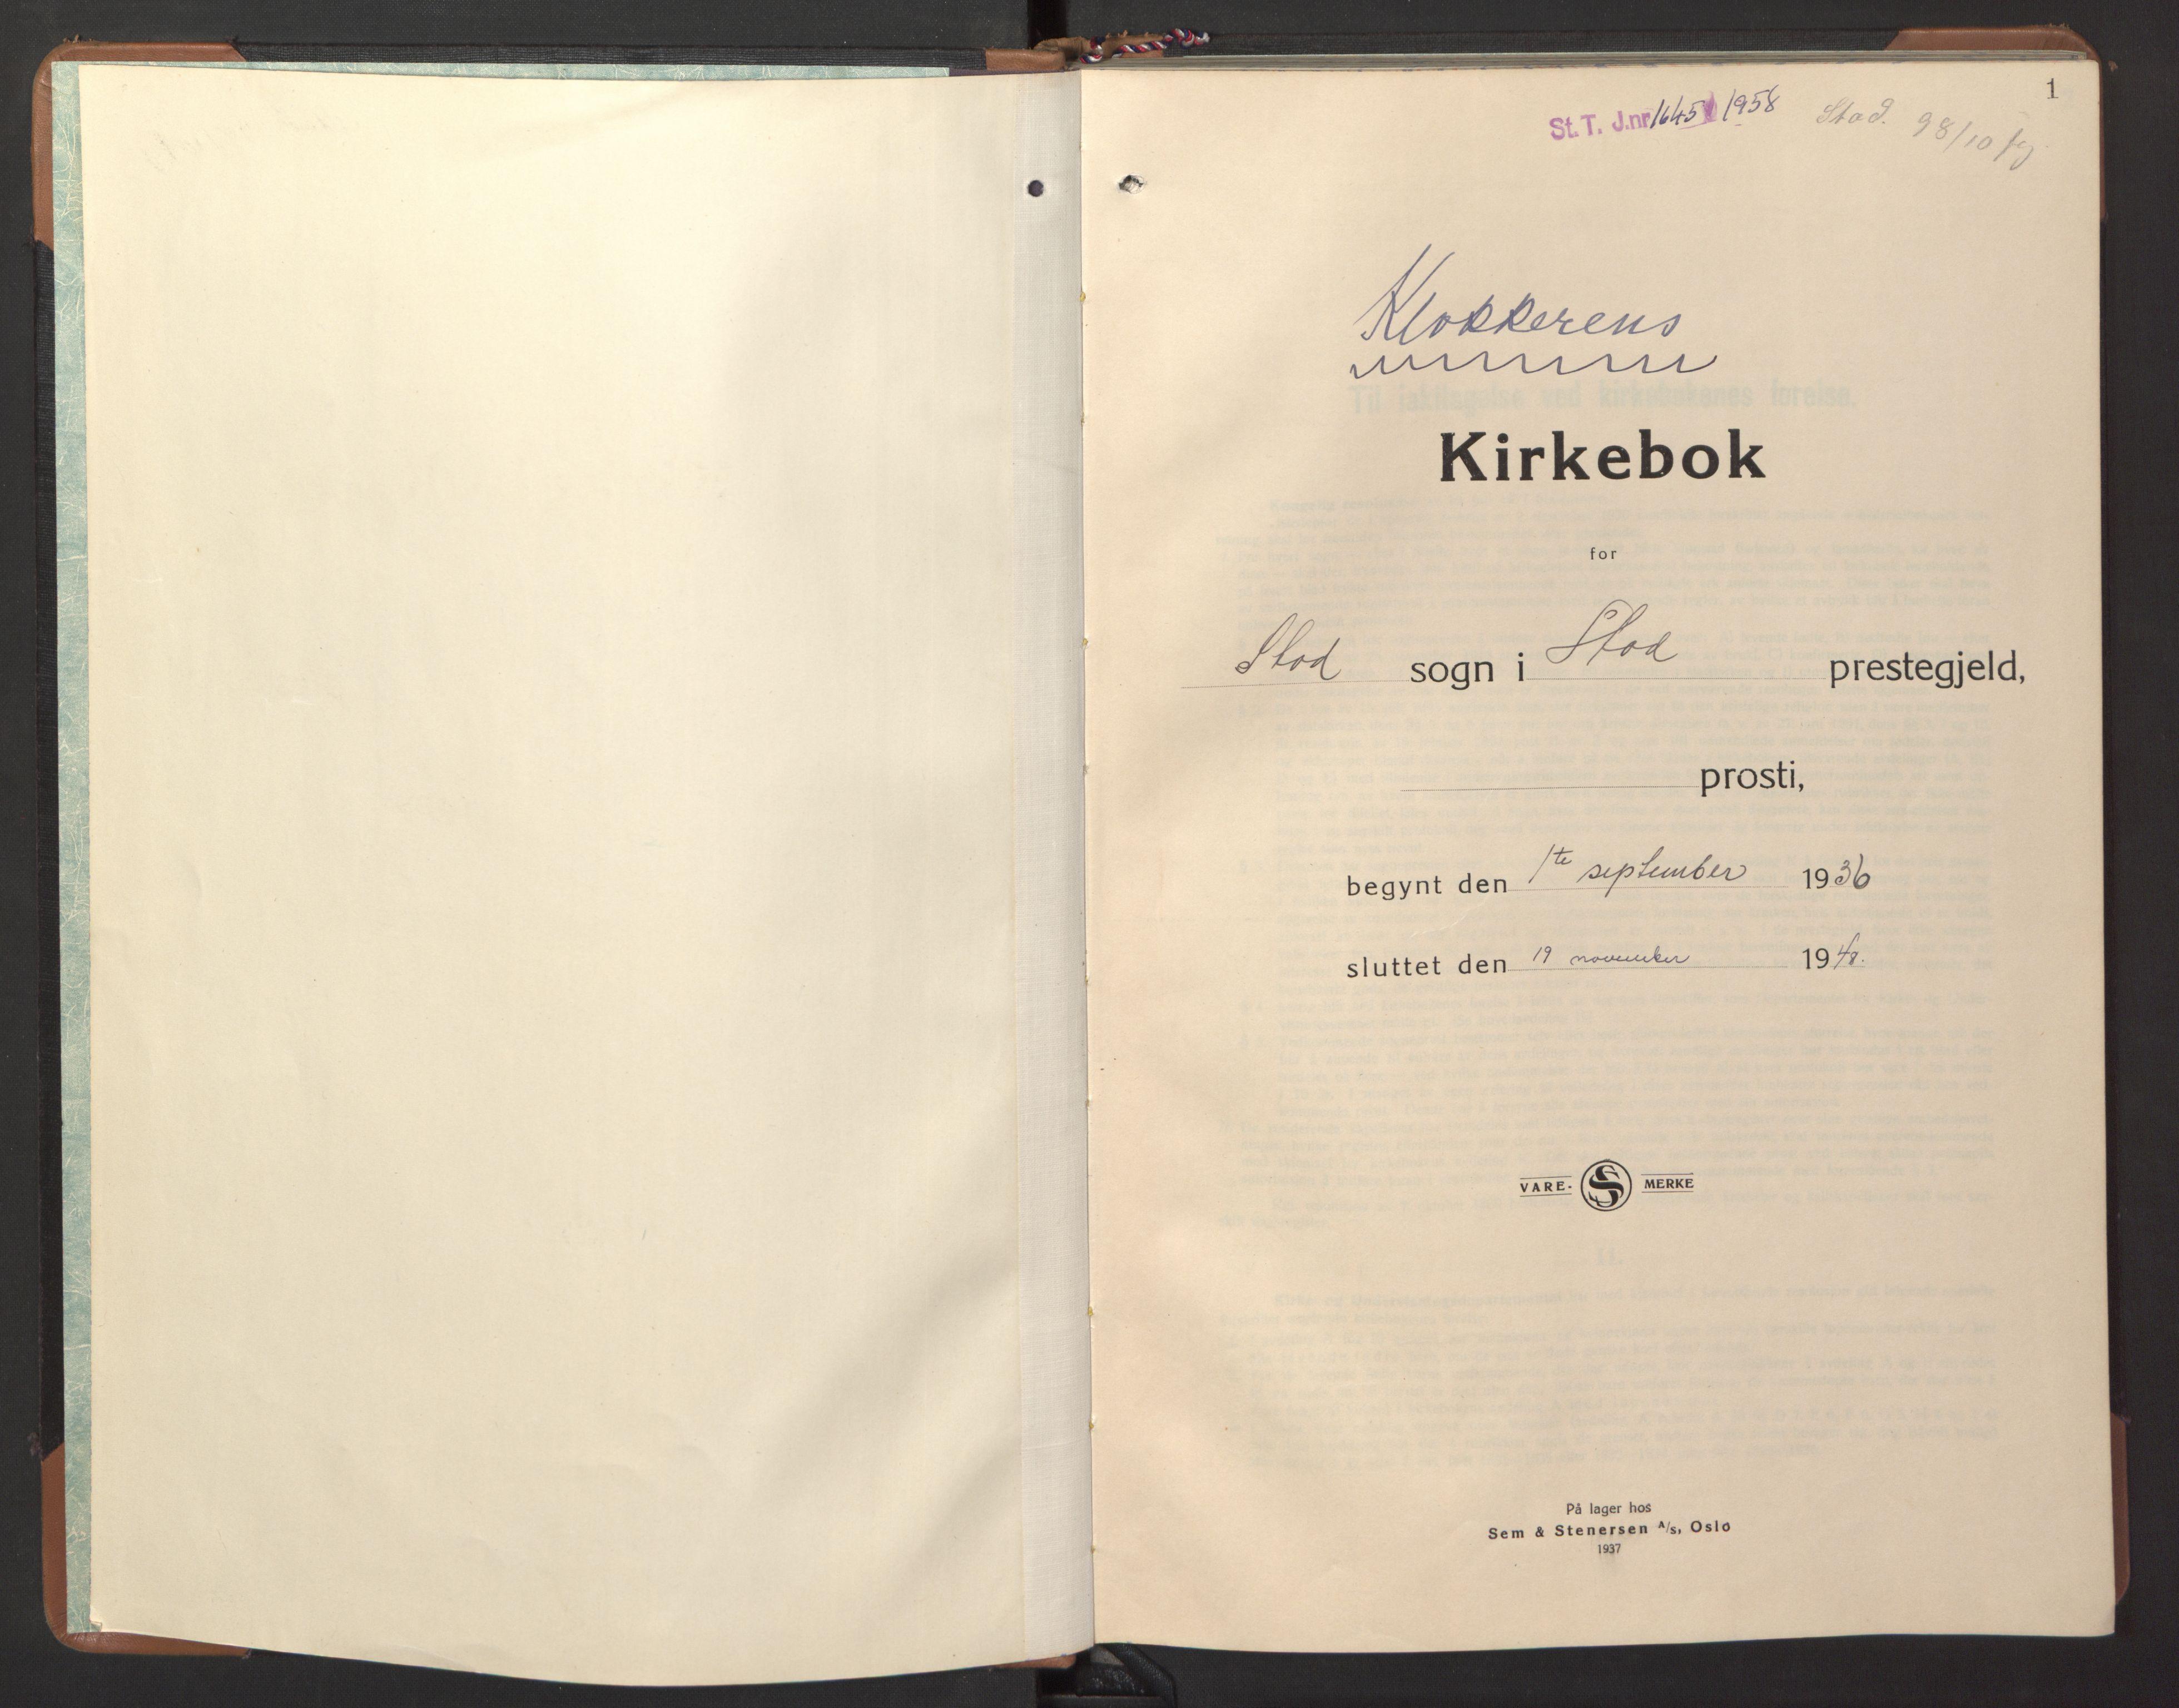 SAT, Ministerialprotokoller, klokkerbøker og fødselsregistre - Nord-Trøndelag, 746/L0456: Klokkerbok nr. 746C02, 1936-1948, s. 1